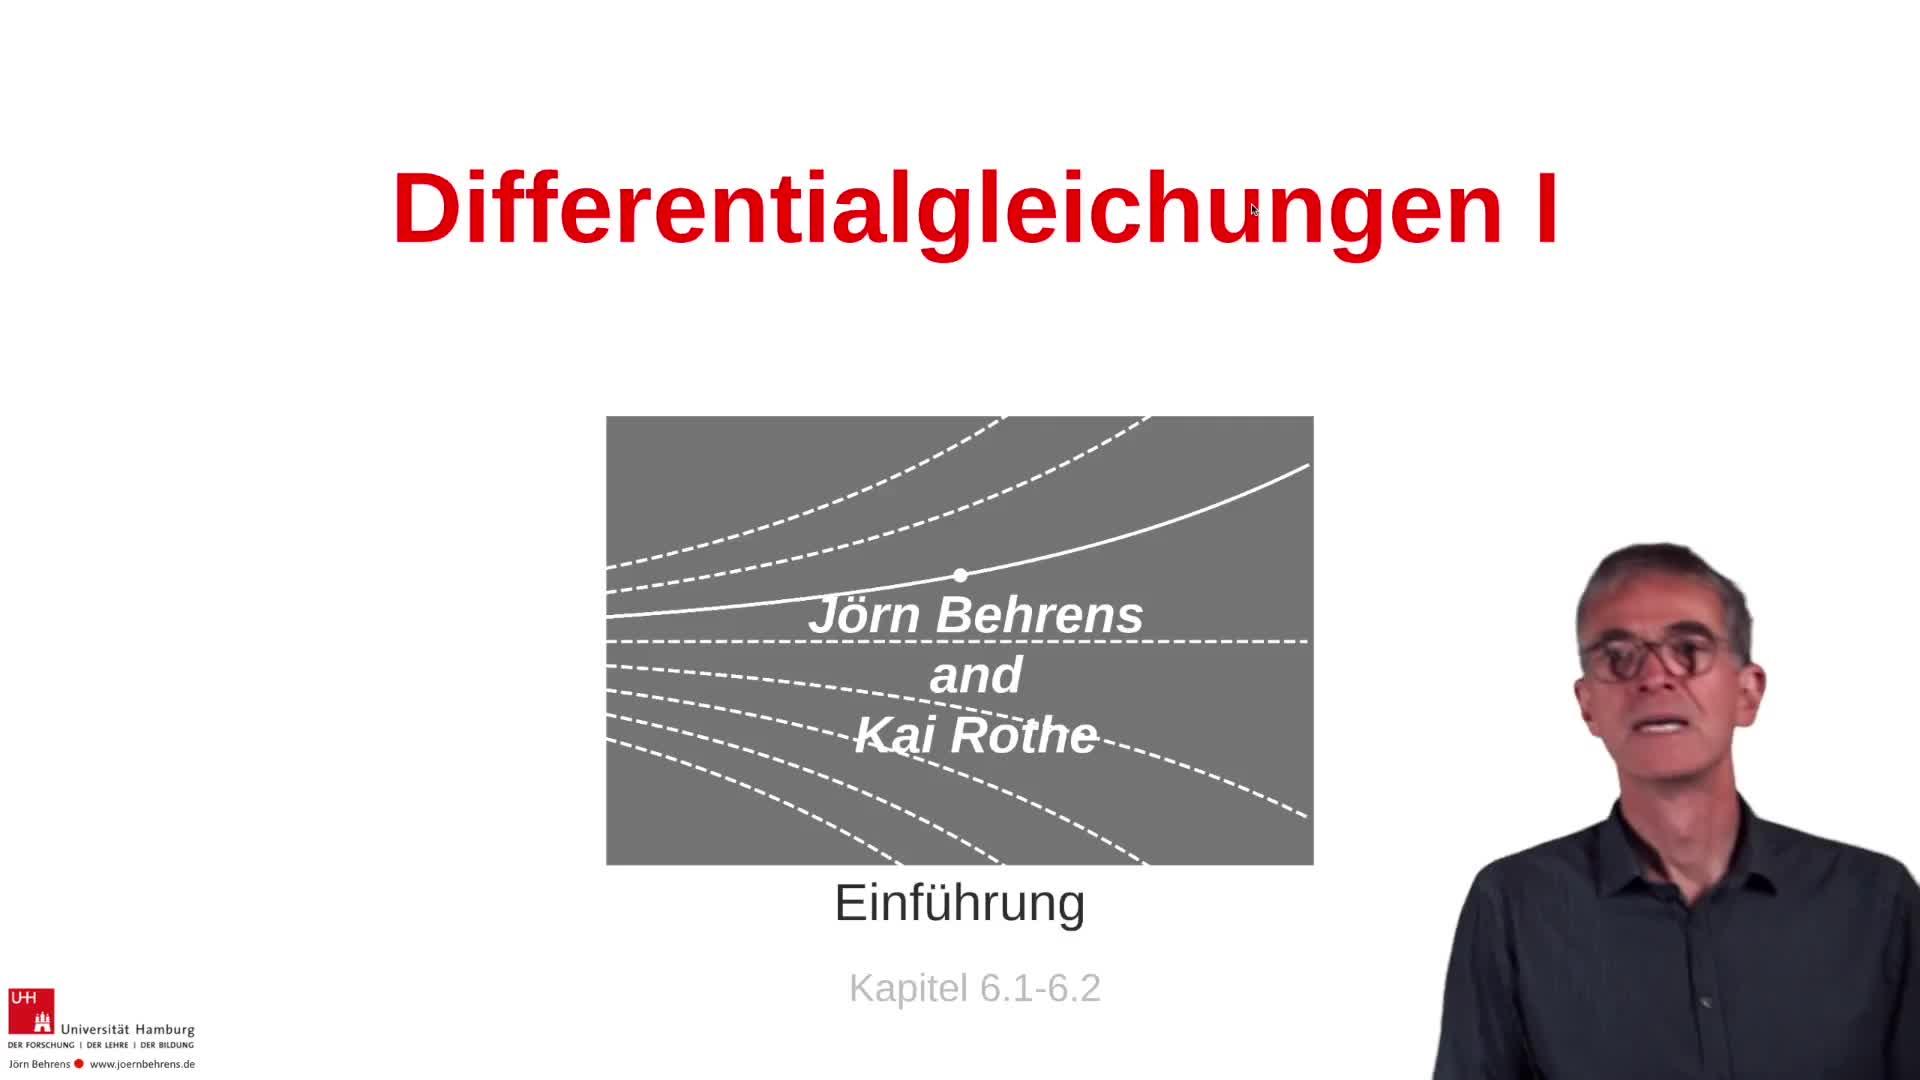 Thumbnail - TUHH-DGL1-01-Teil1 (Deutsch)